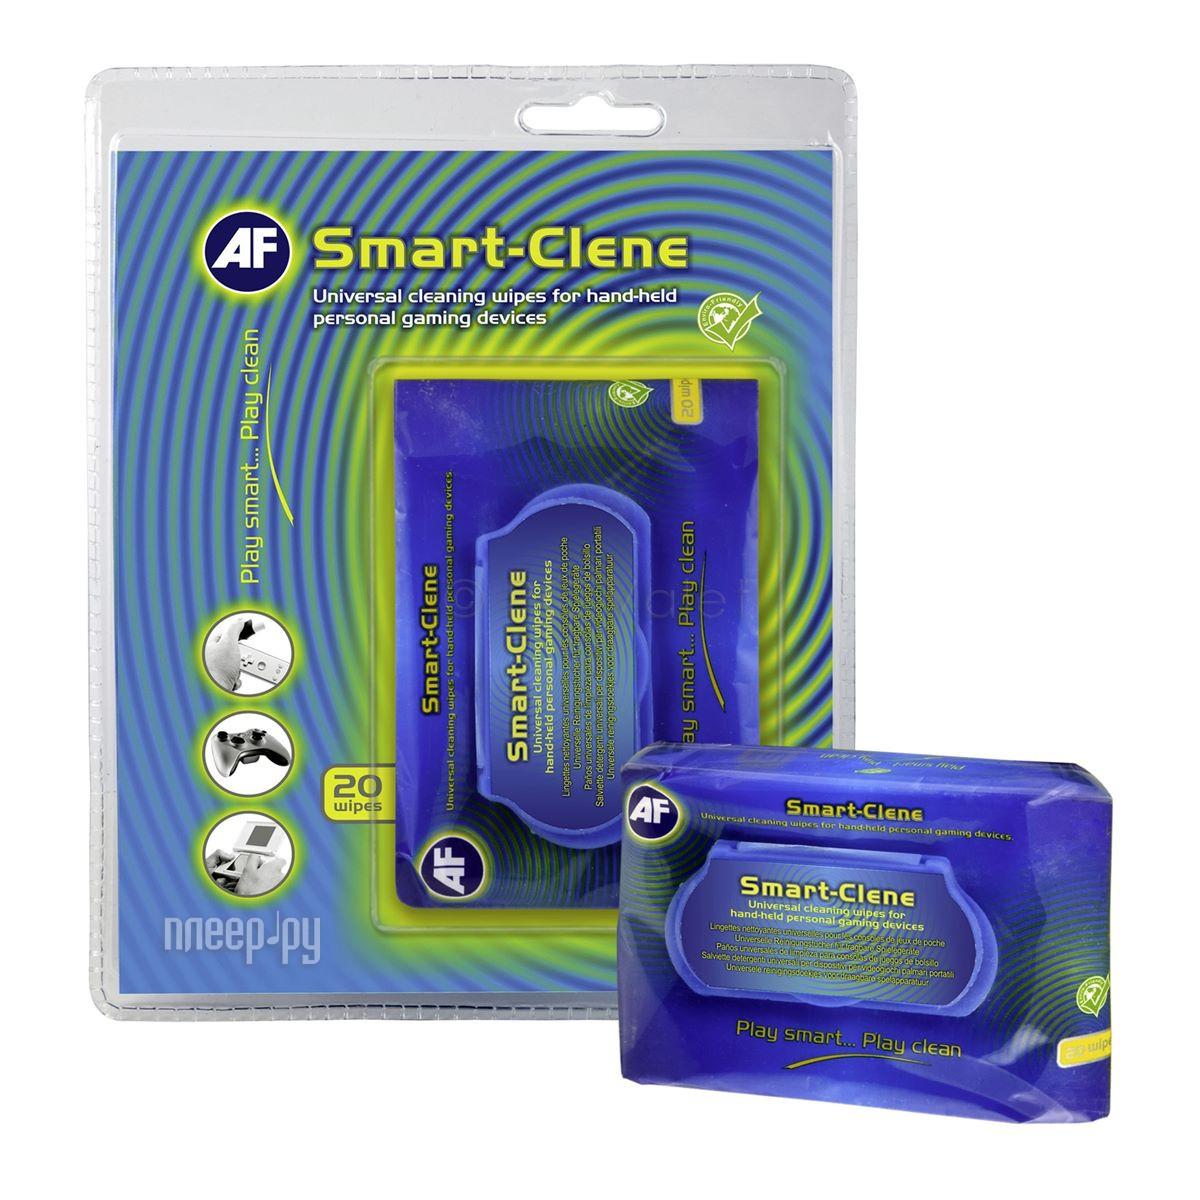 Аксессуар AF International ASMC020P - очиститель Smart-Clene